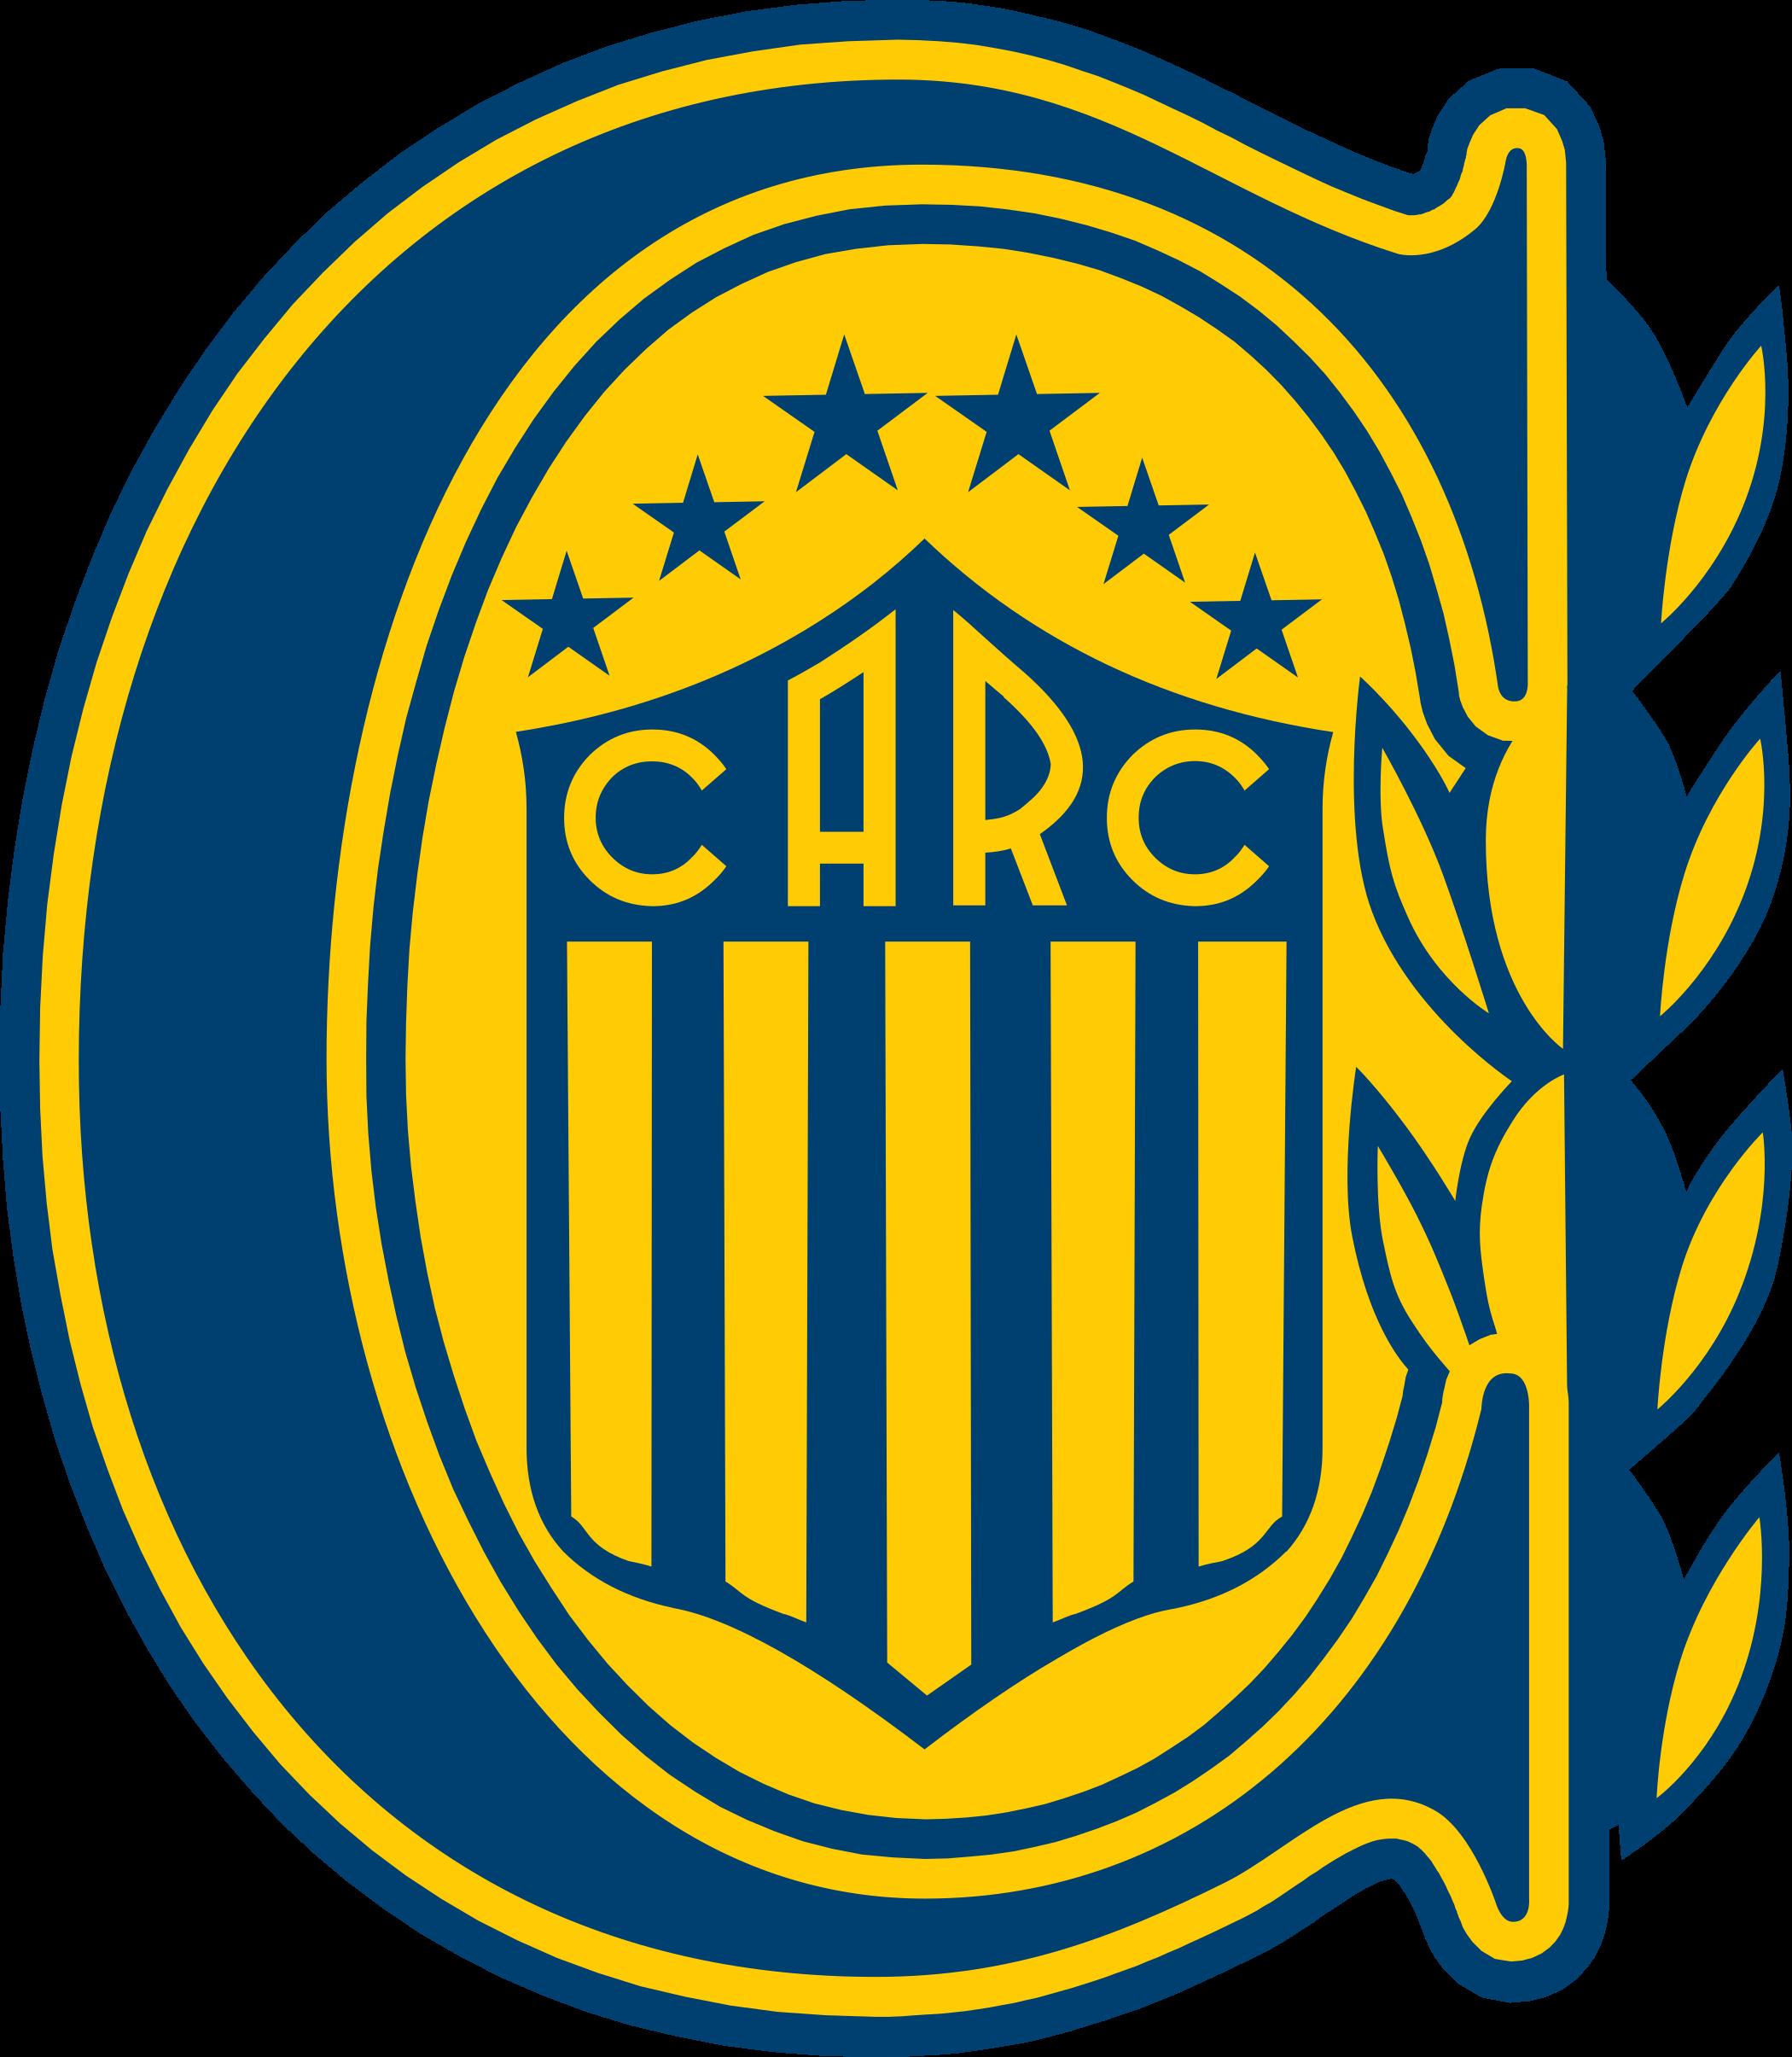 rosario central logo escudo 1 - Rosário Central Logo